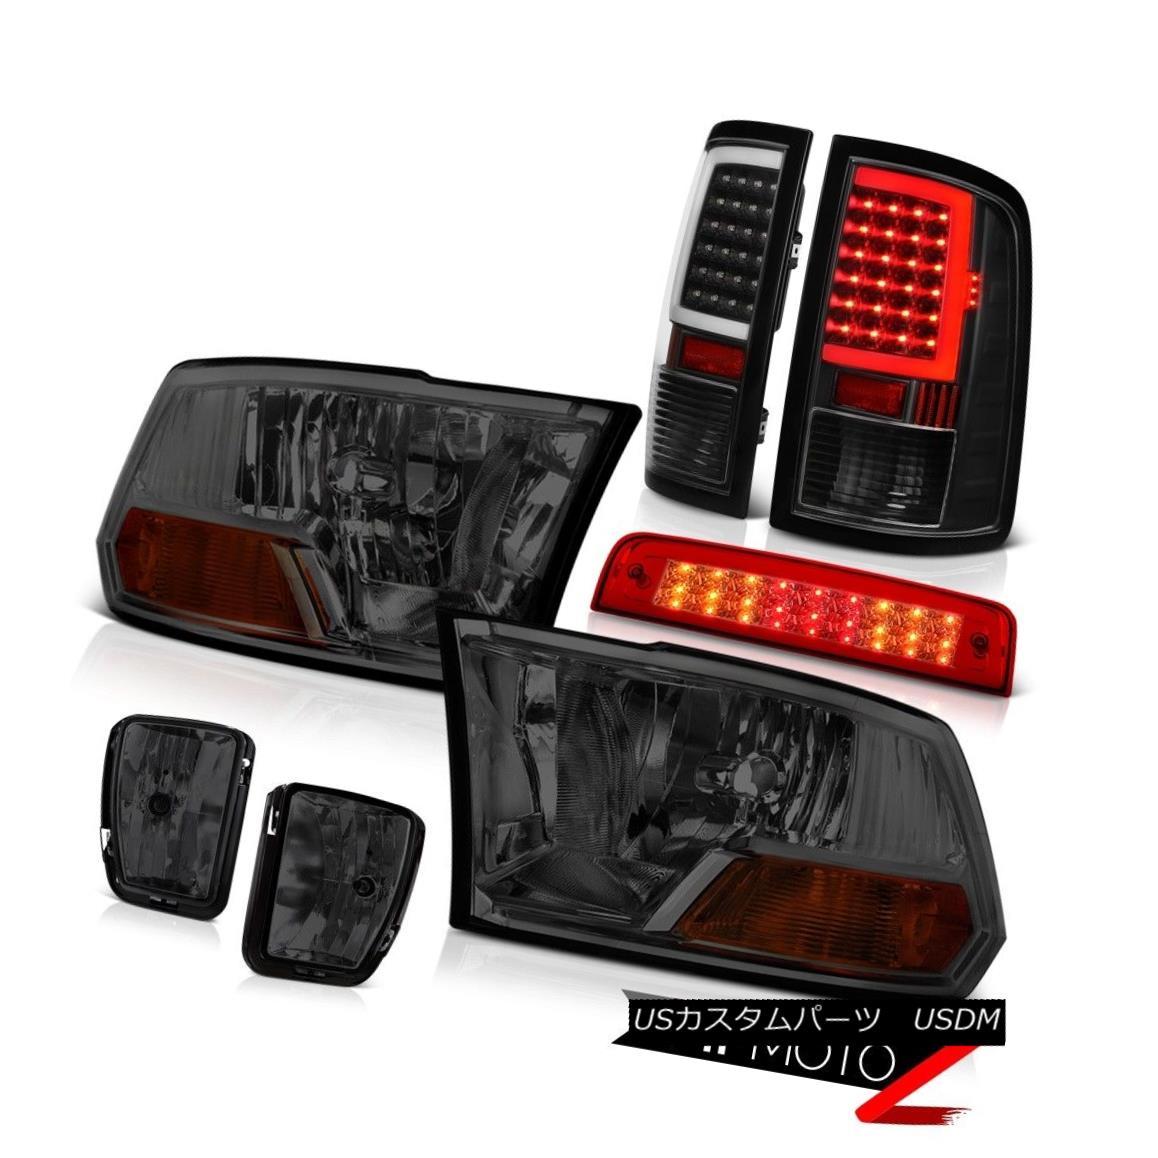 テールライト 13 14 15 16 17 18 RAM 1500 Tail lamp 3rd Brake Fog Factory Style HeadLight SET 13 14 15 16 17 18 RAM 1500テールランプ第3ブレーキ霧工場スタイルヘッドライトSET